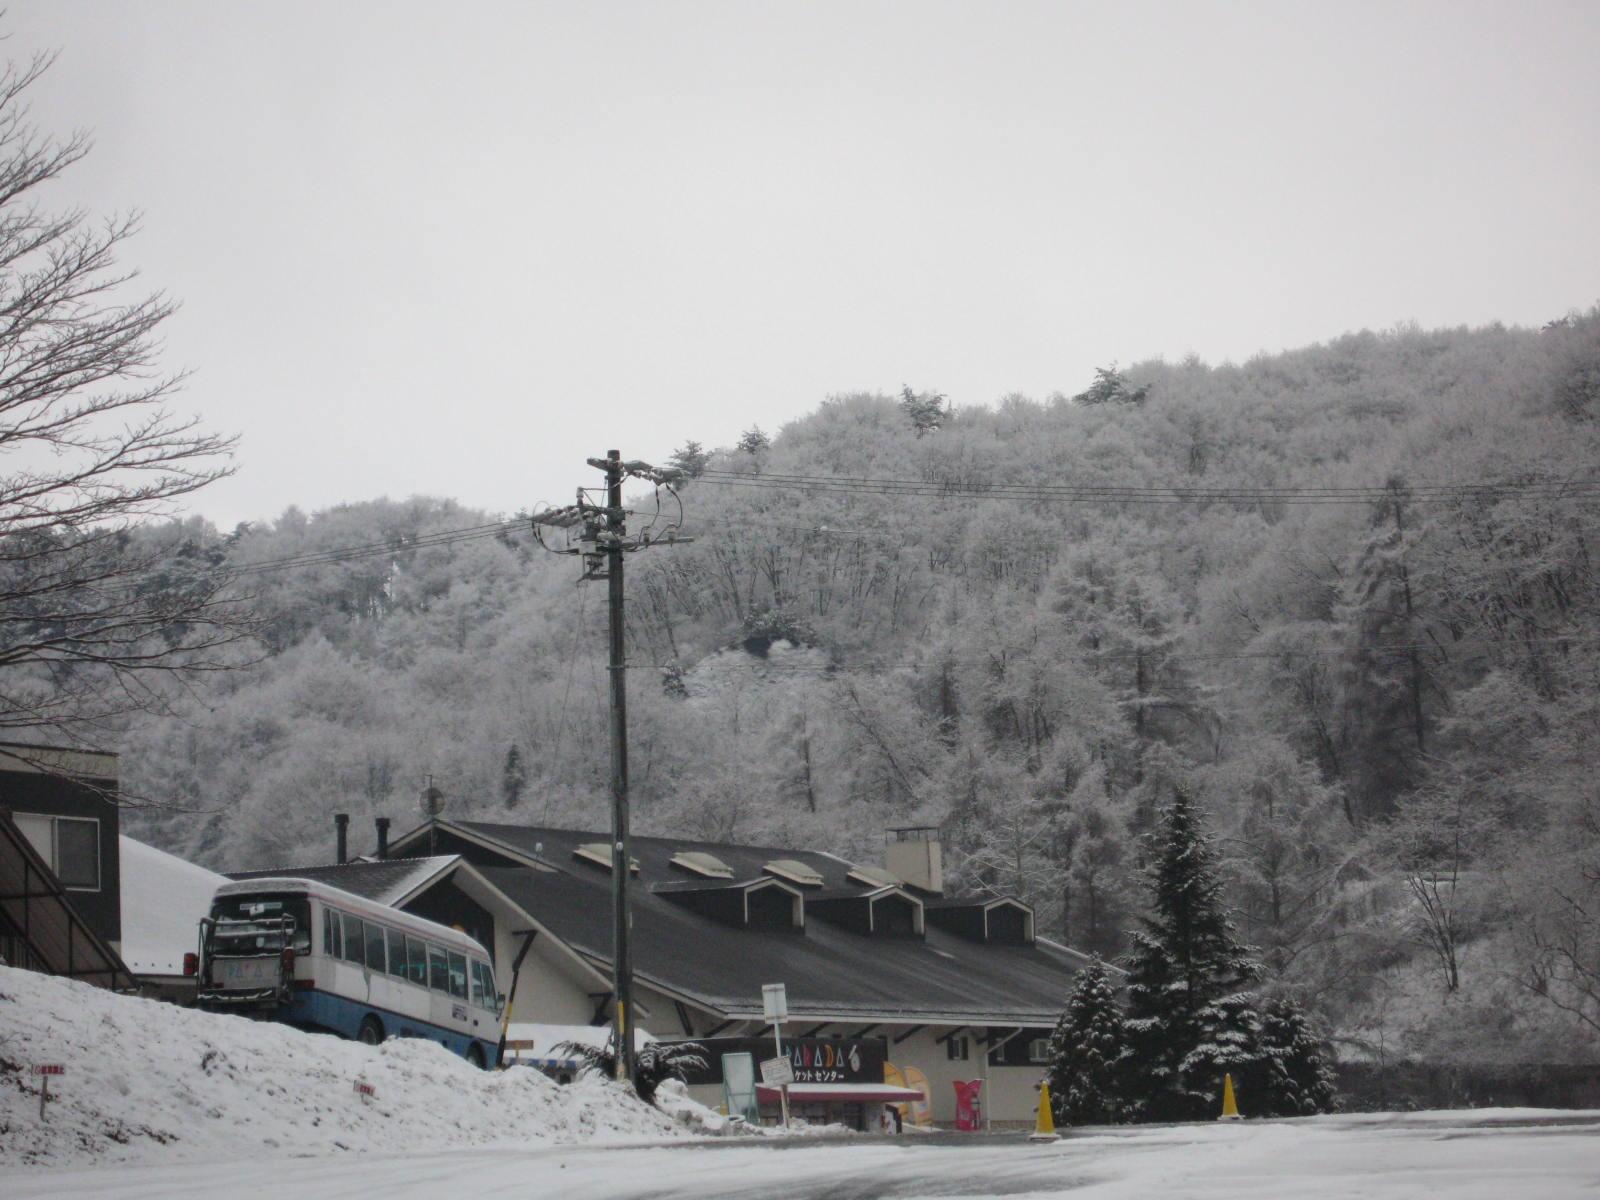 佐久スキーガーデンパラダの雪景色_f0146620_10132756.jpg